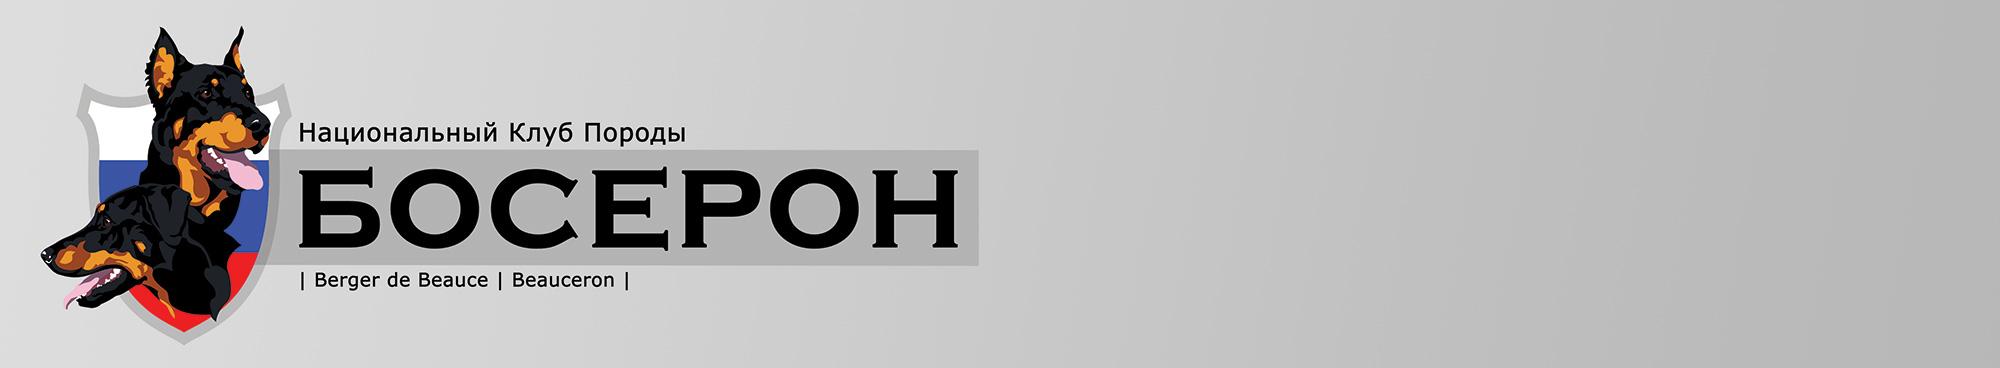 Национальный Клуб Породы Босерон / Russian National Beauceron Club                              Копирование материалов разрешено с указанием ссылки на сайт